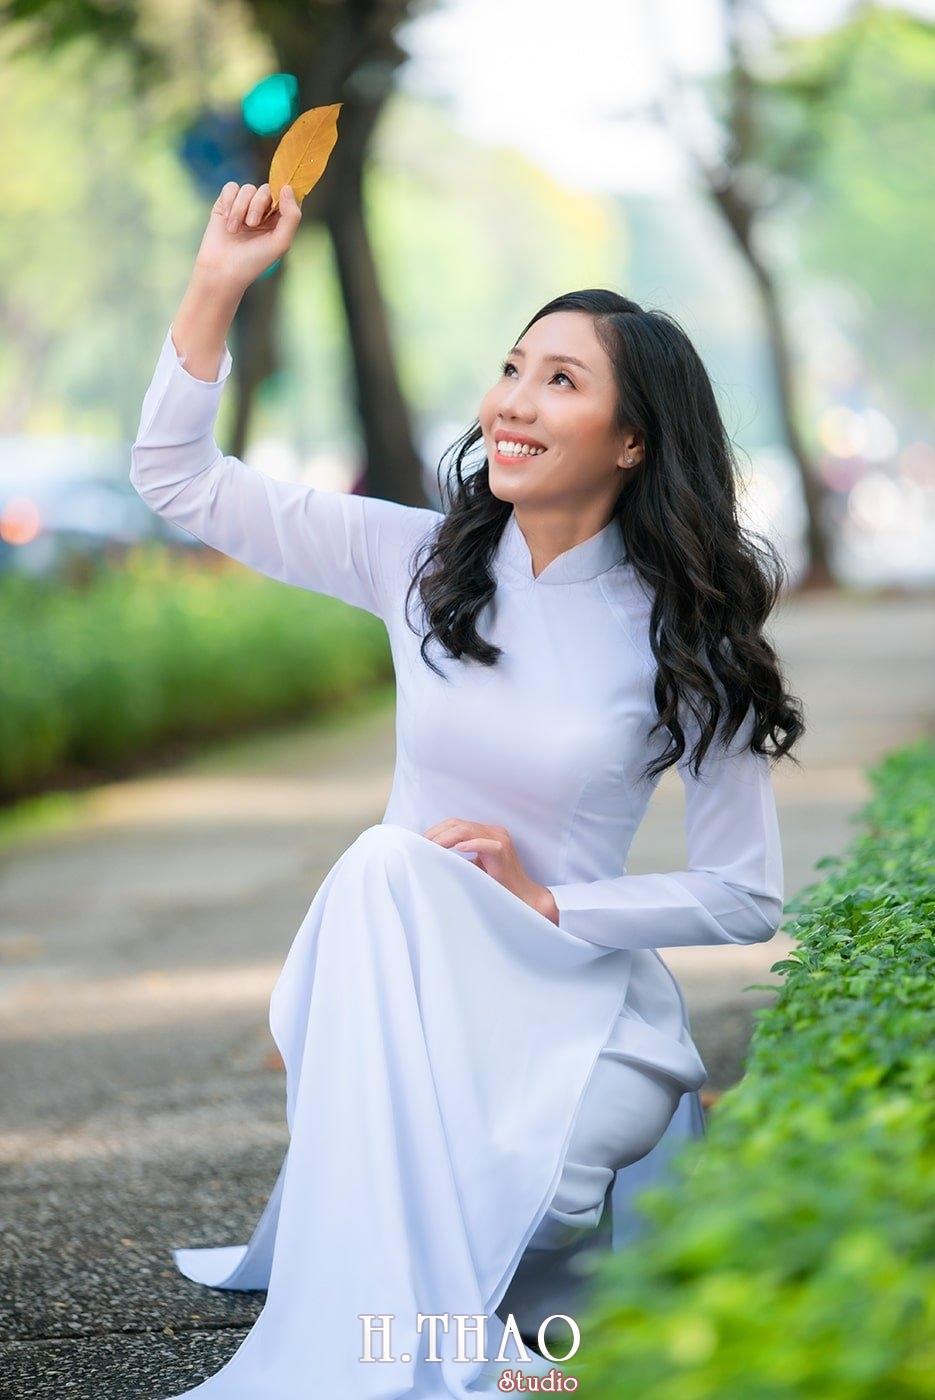 Ao dai nha tho duc ba 13 1 - Tổng hợp album ảnh áo dài chụp tại nhà thờ Đức Bà - HThao Studio